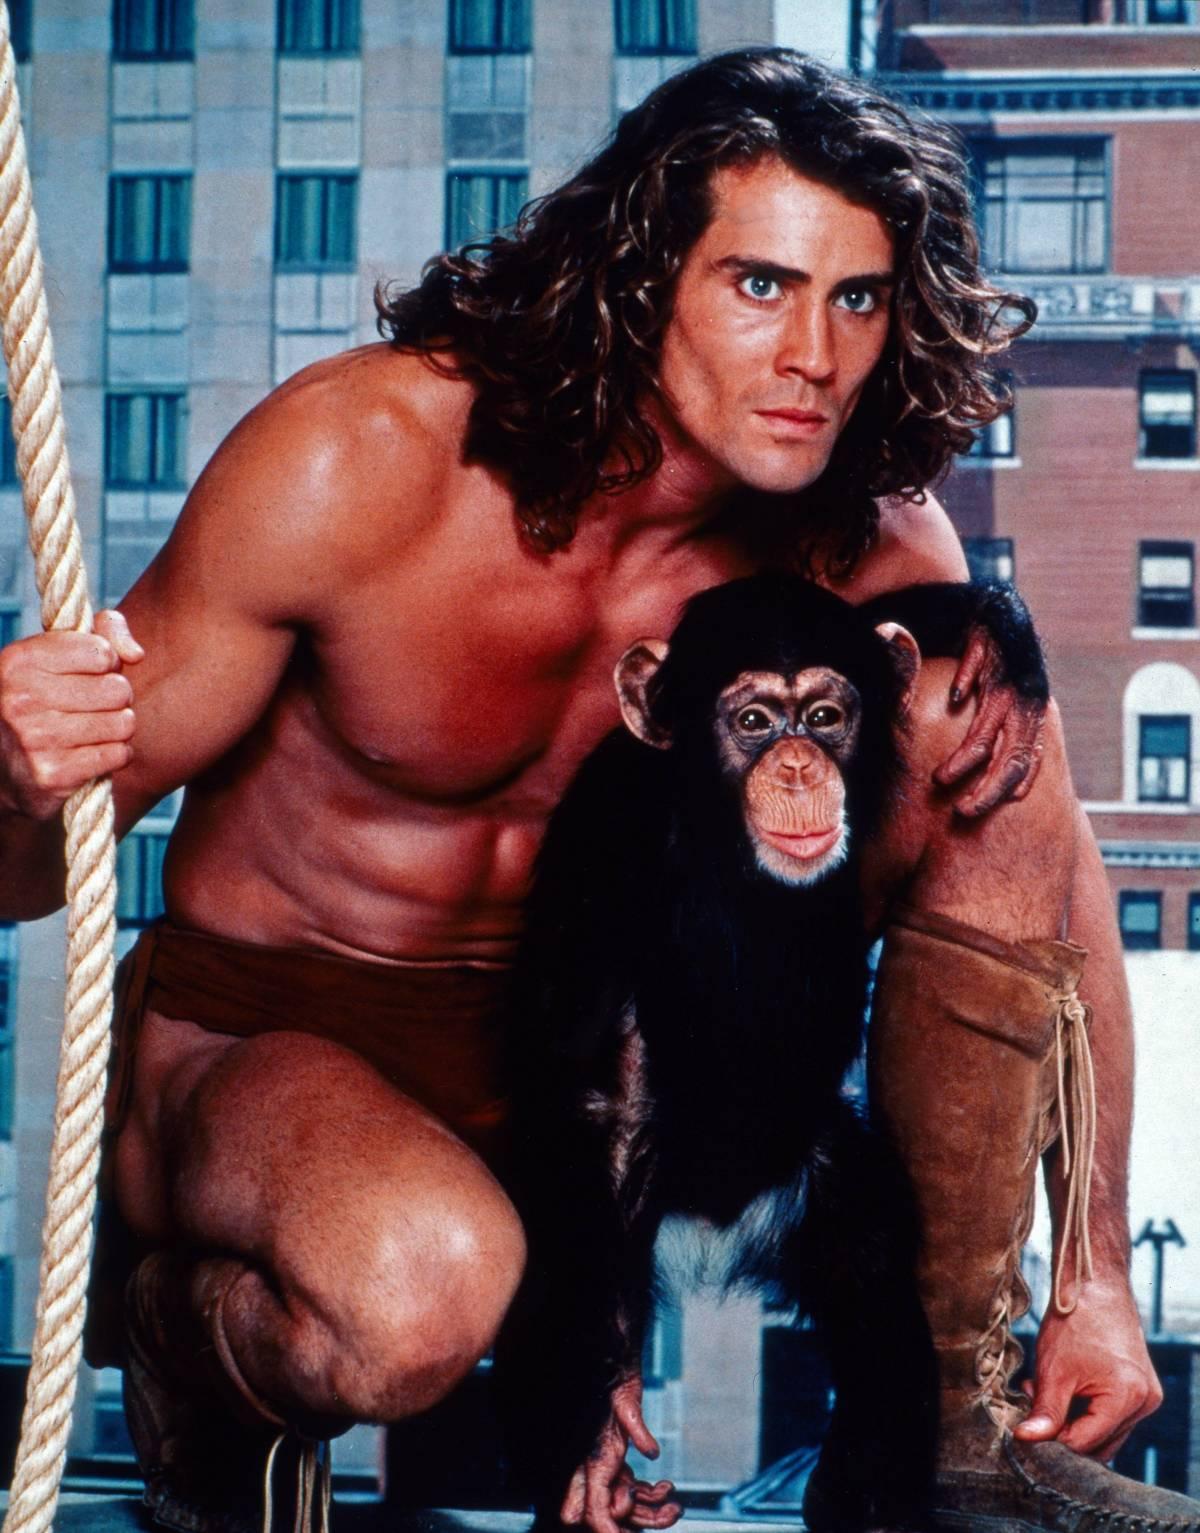 Terribile incidente aereo: così è morto Joe Lara, attore di Tarzan